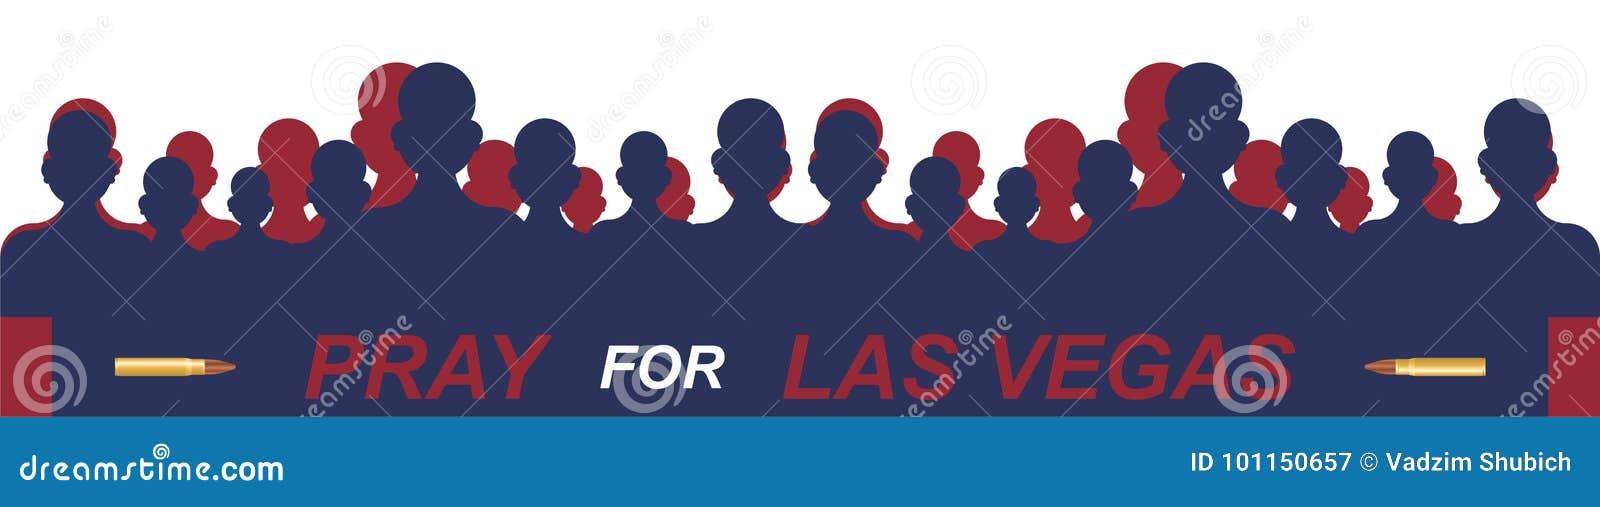 Het Schieten van Las Vegas Concept terrorisme en het geheugen van de doden